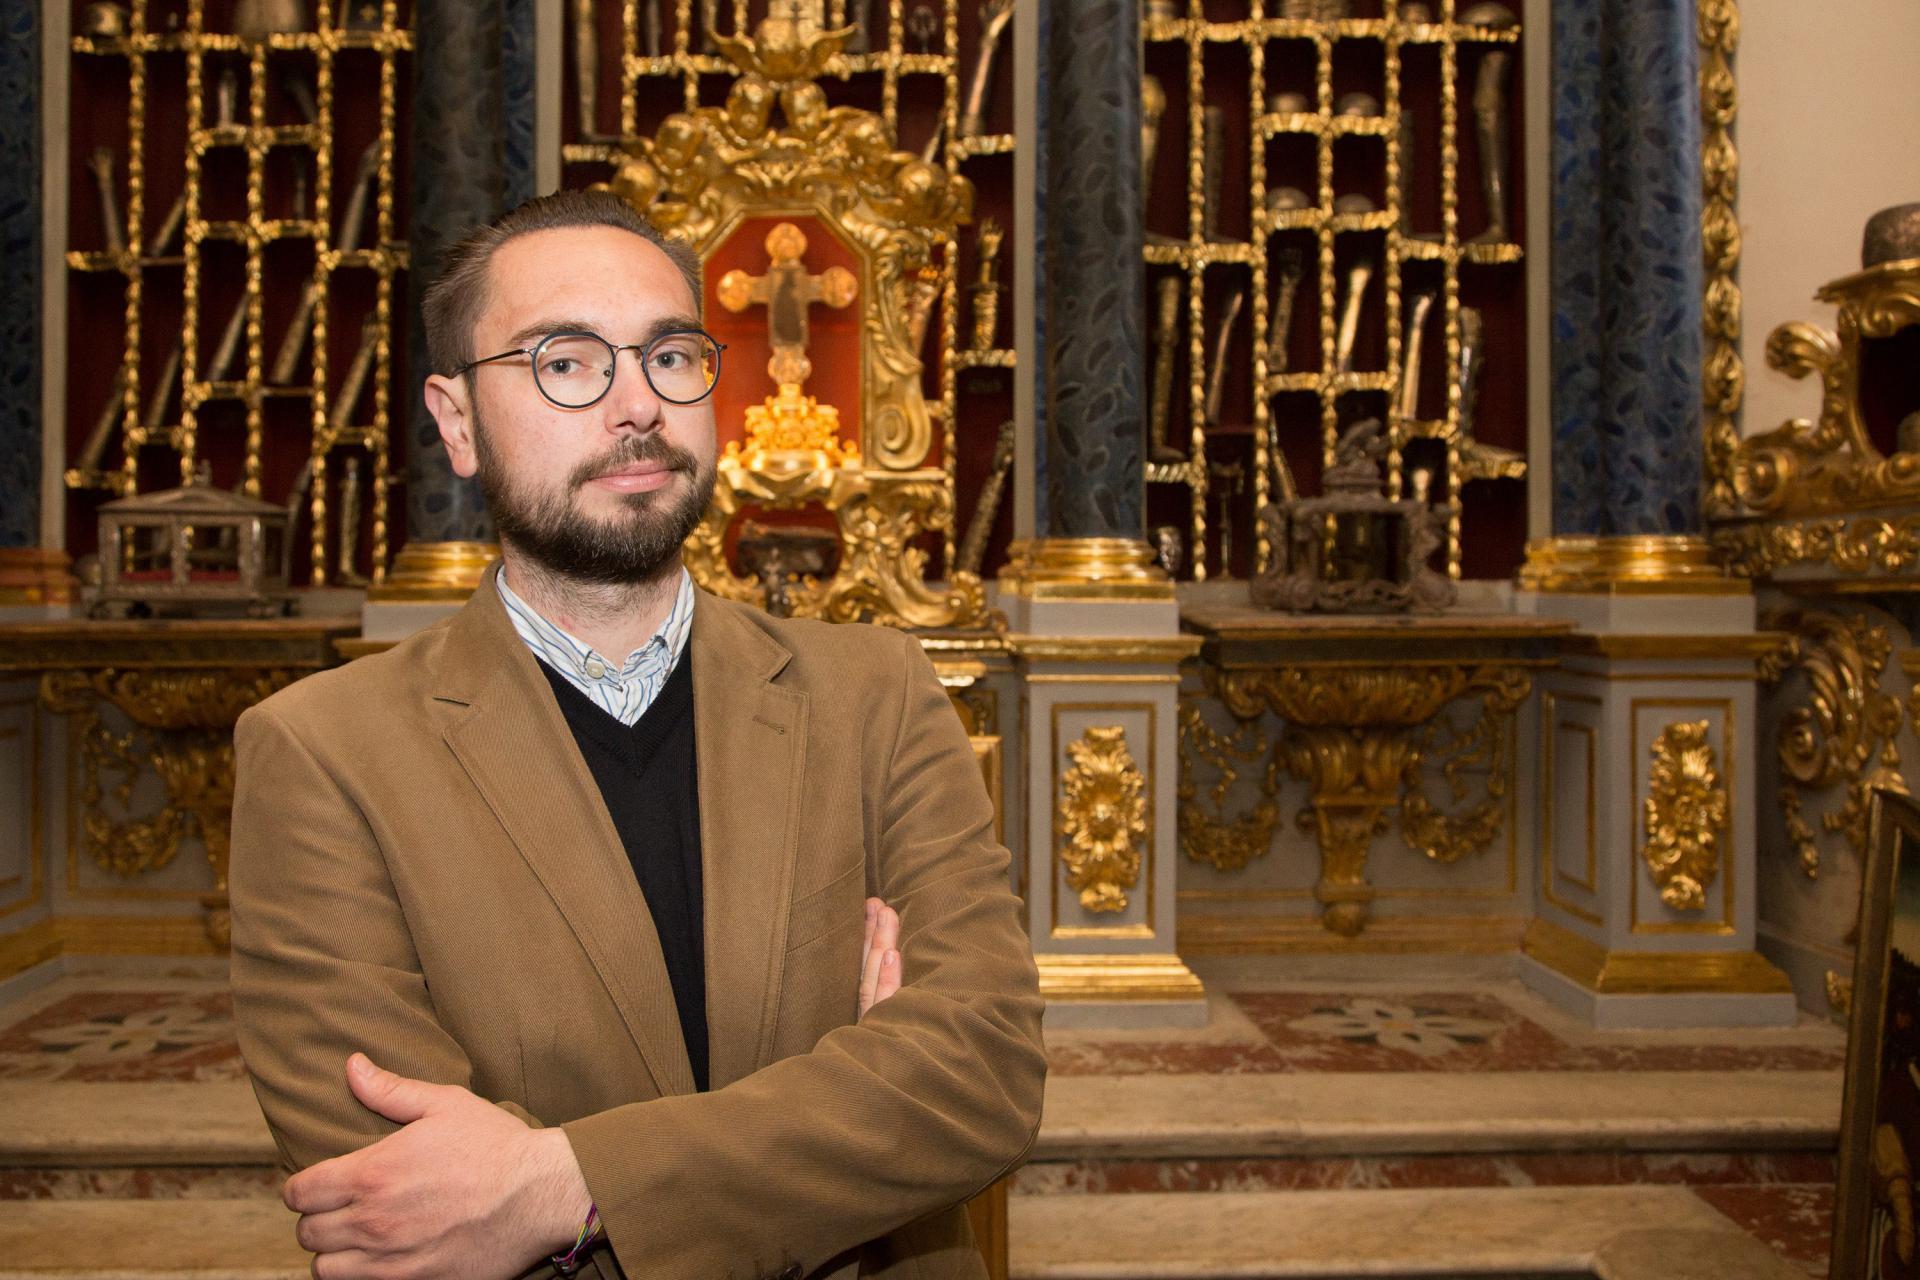 Ivan Viđen u riznici Katedrale s relikvijama